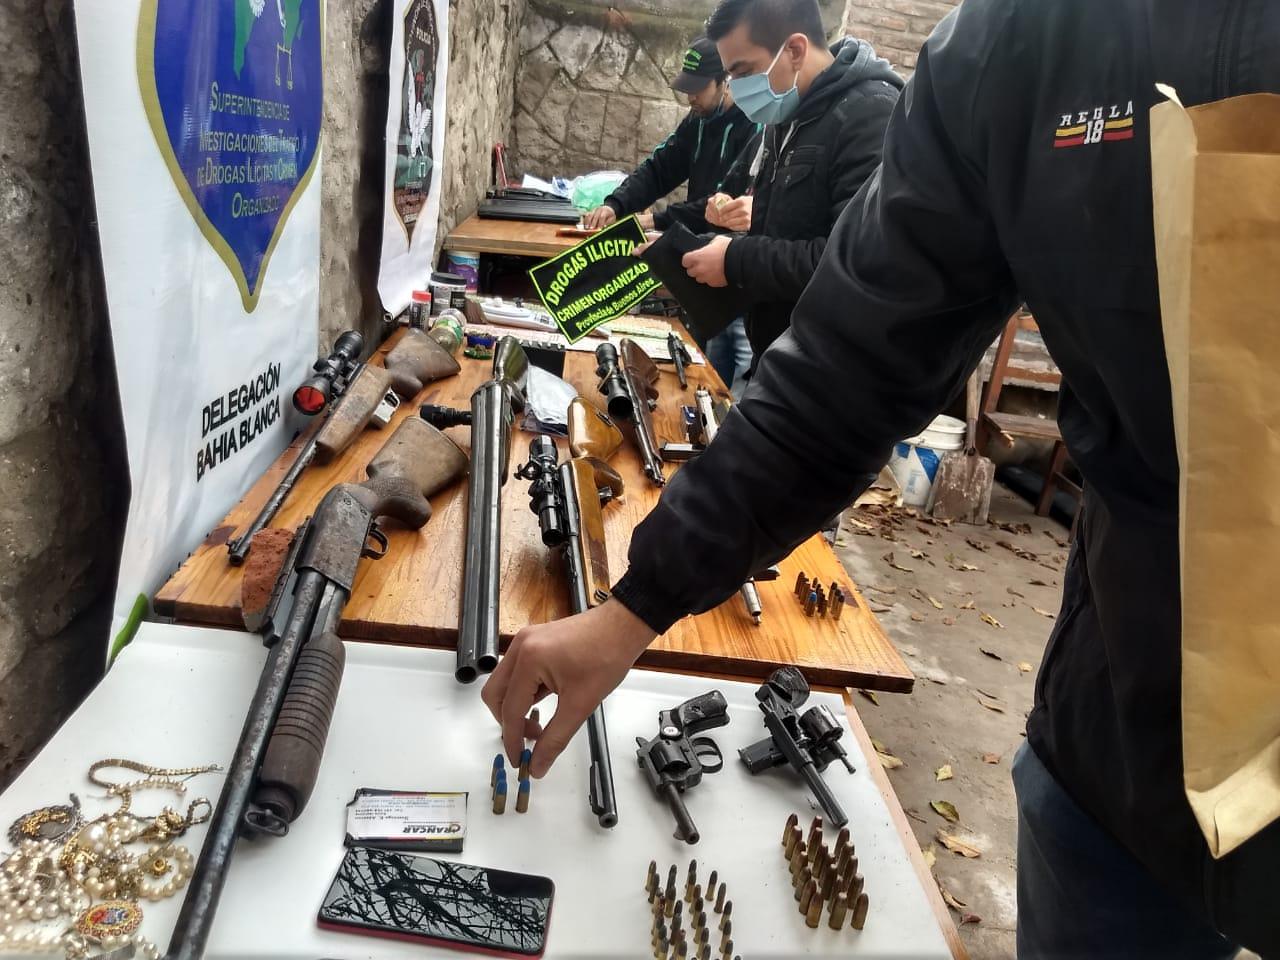 De S.W.A.T: exitosos allanamientos antidrogas en Bahía Blanca. Utilizaron explosivos para derribar puertas (videos)